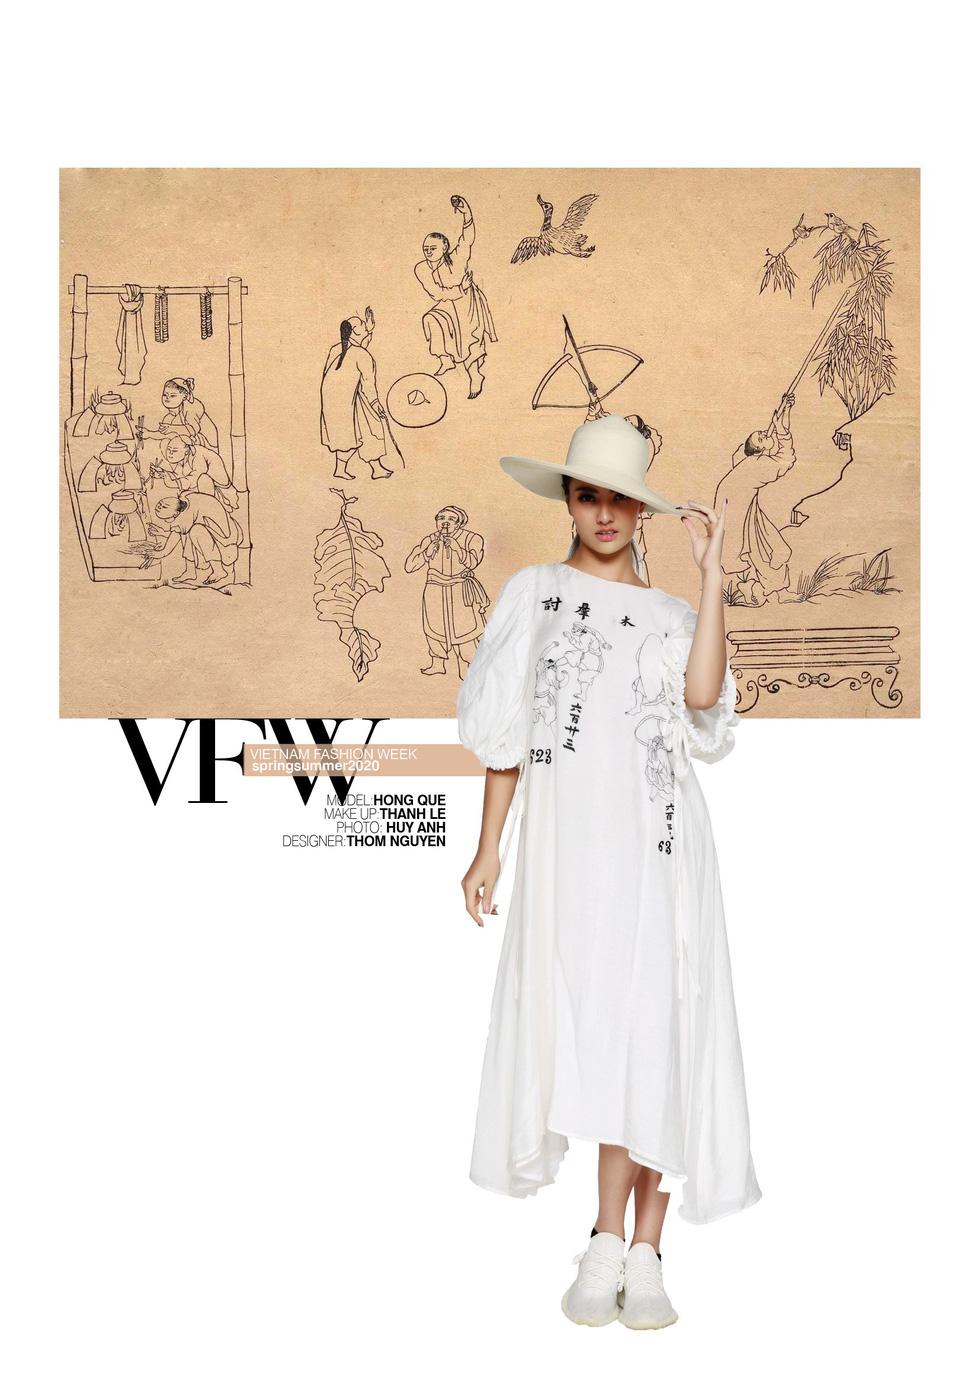 NTK Minh Hạnh: Sao phải đợi Louis Vuitton, ta mới thấy Việt Nam mình đẹp! - Ảnh 19.